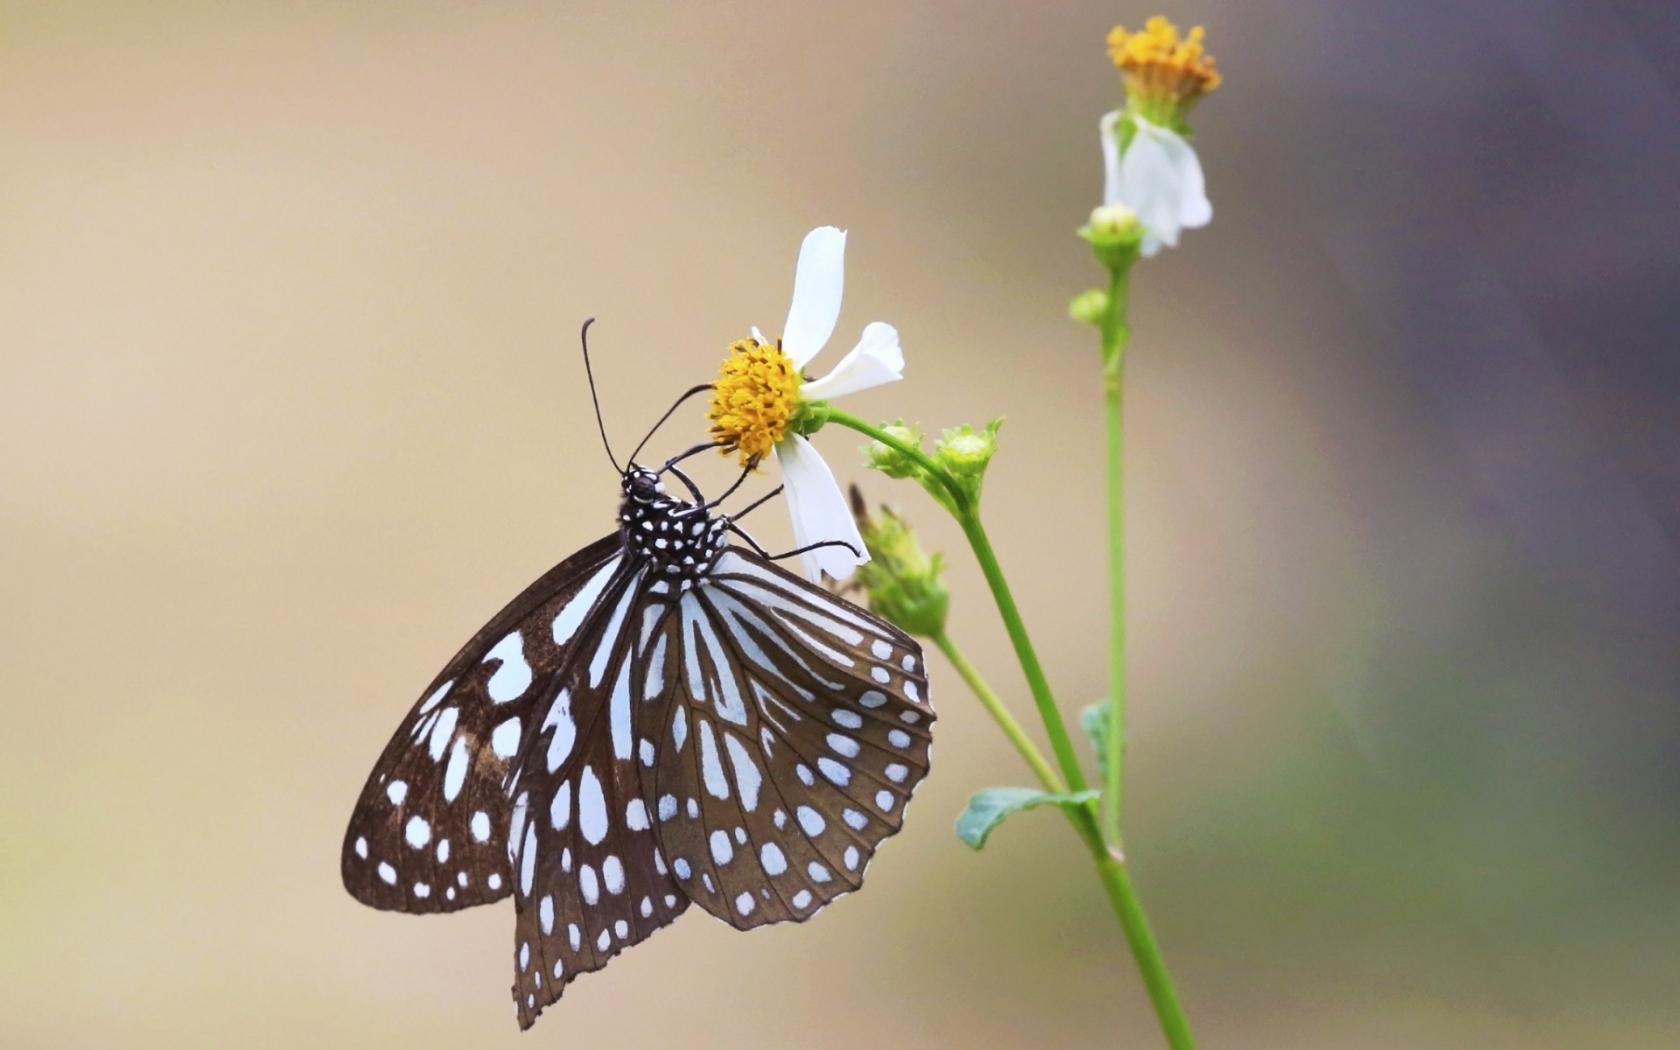 Mariposa y una flor - 1680x1050